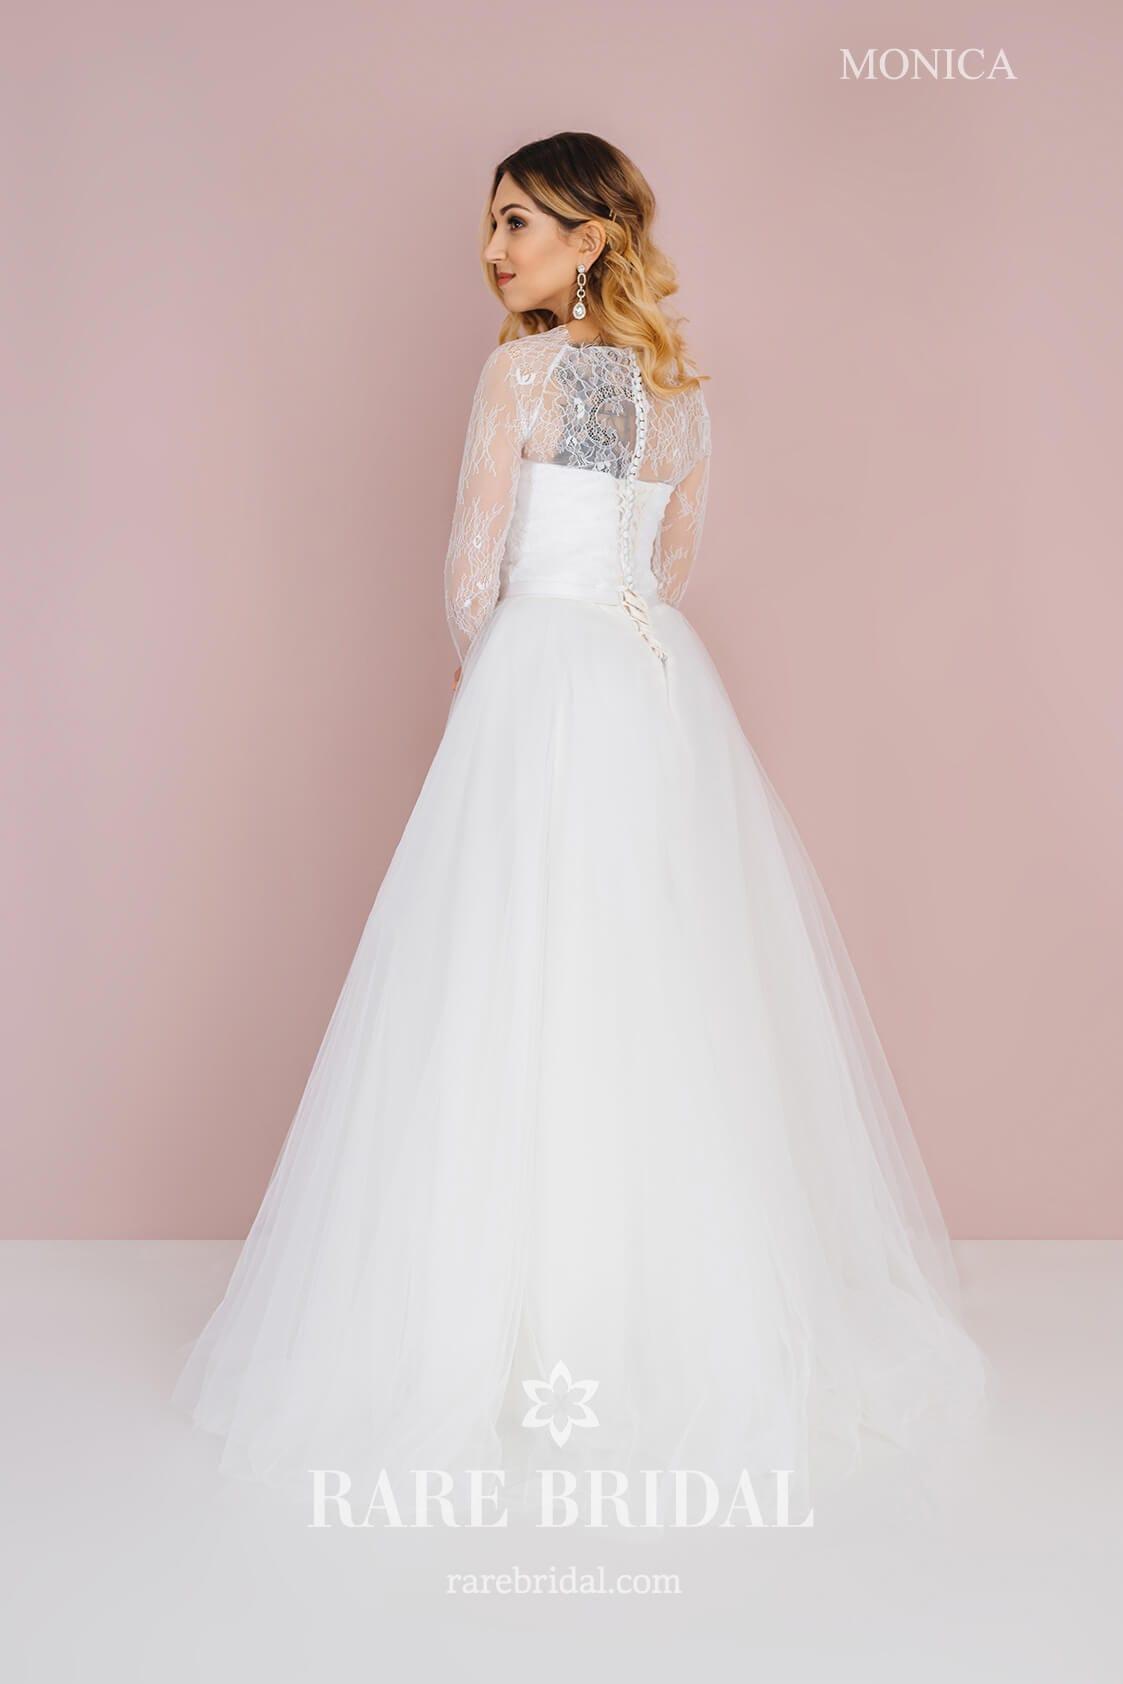 Свадебное платье MONICA, коллекция LOFT, бренд RARE BRIDAL, фото 5